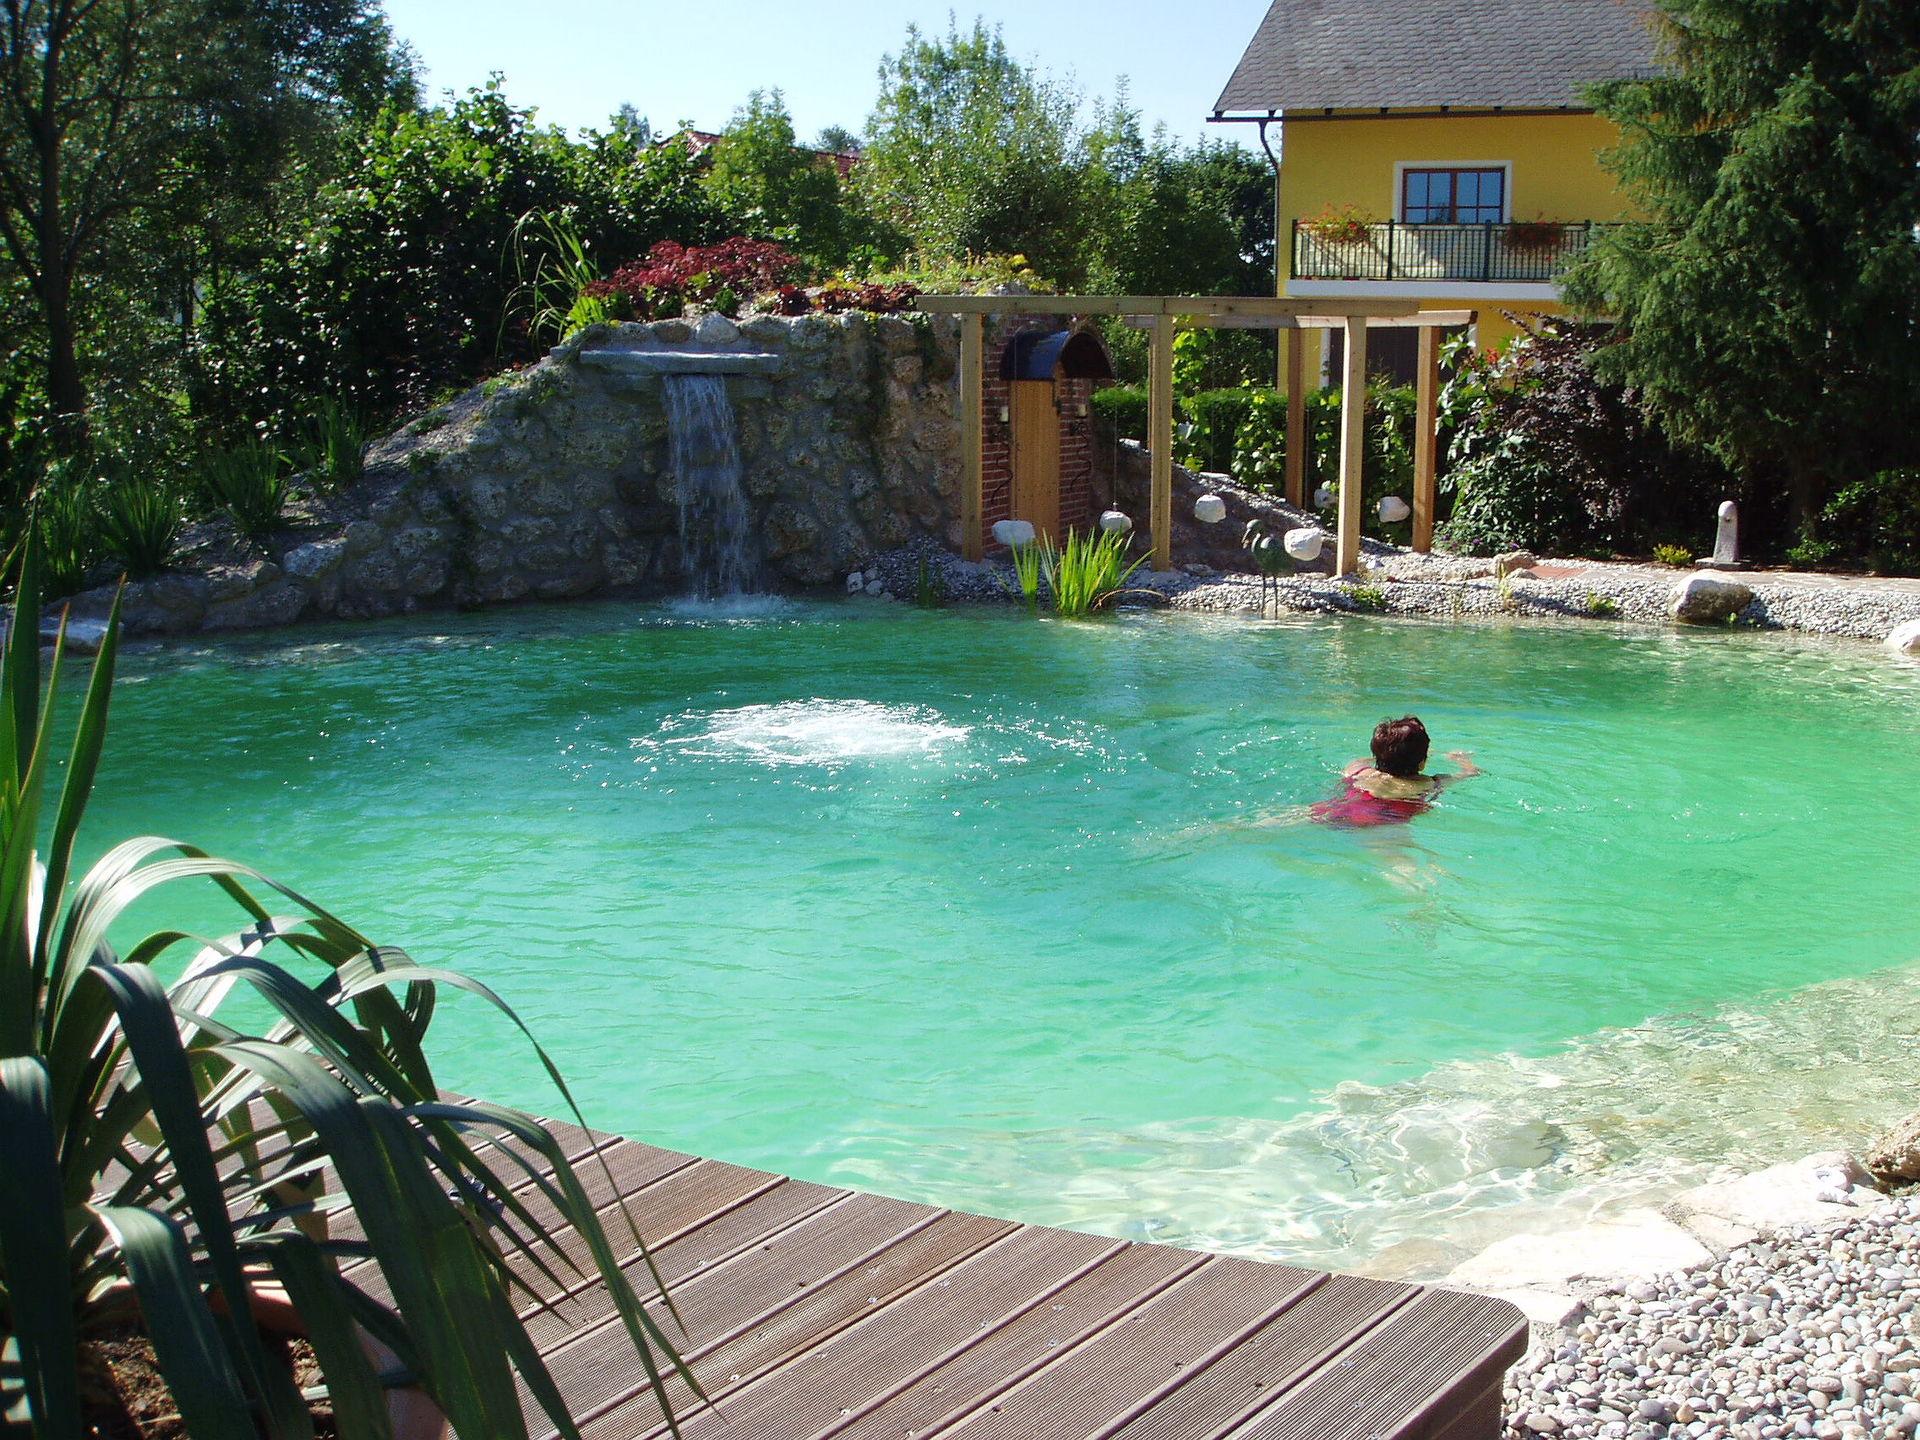 schwimmteich mit wasserfall – actof, Gartenarbeit ideen